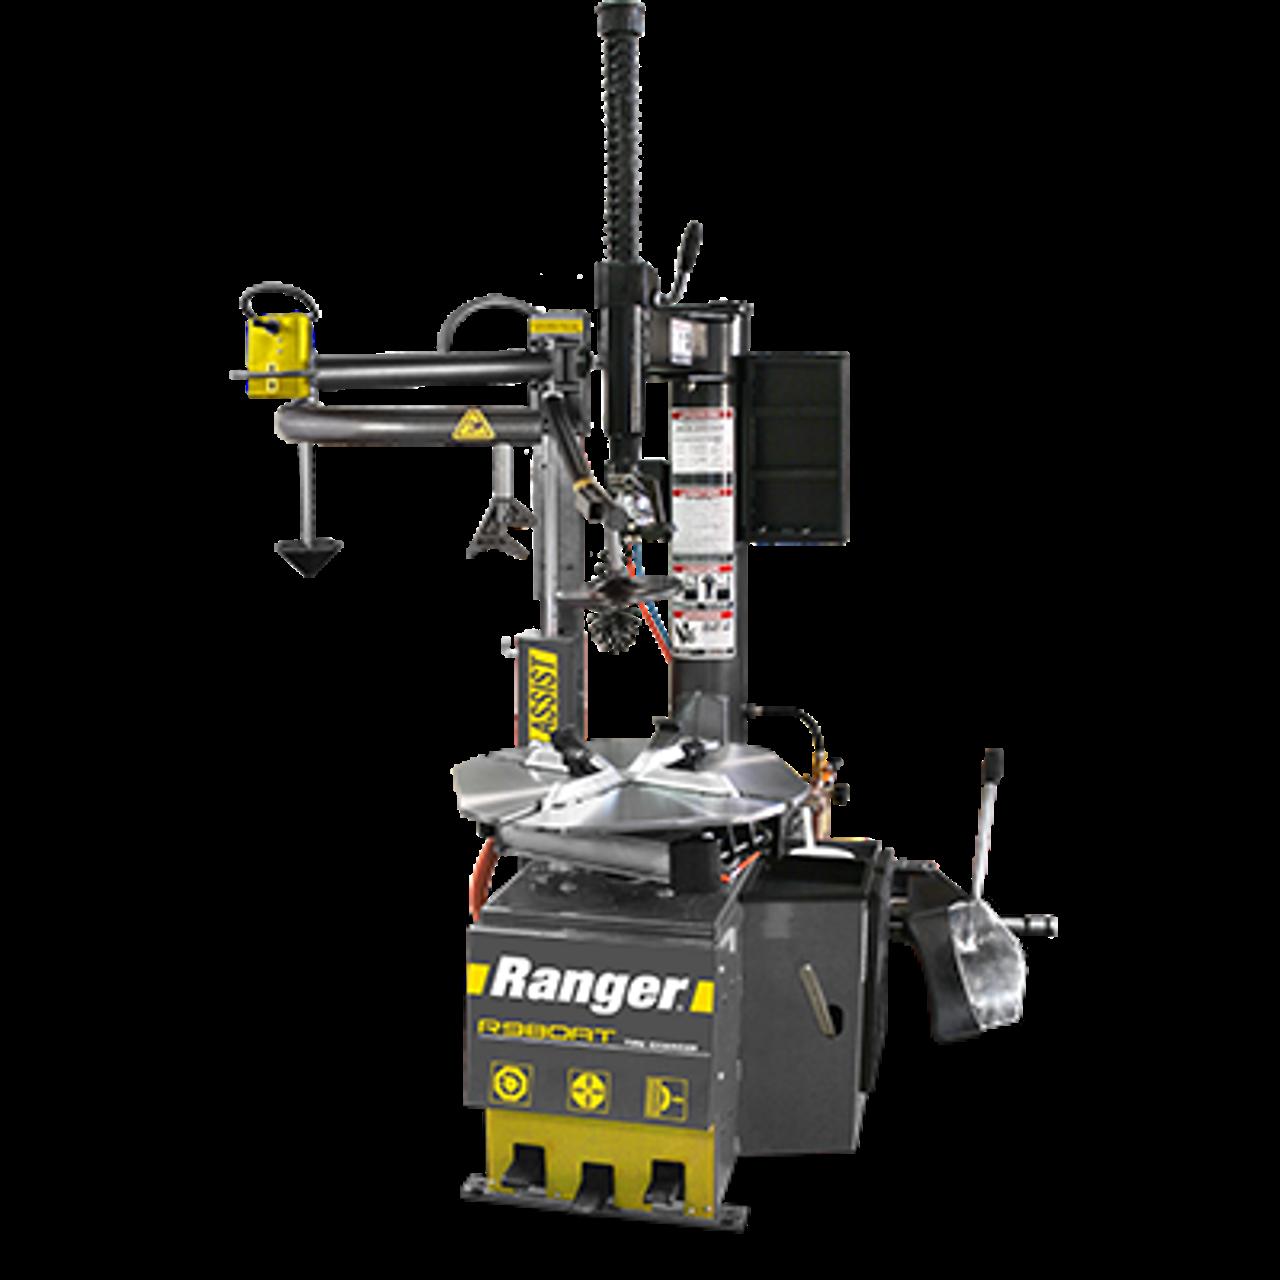 Ranger-Tire-Changer-R980AT-5140265